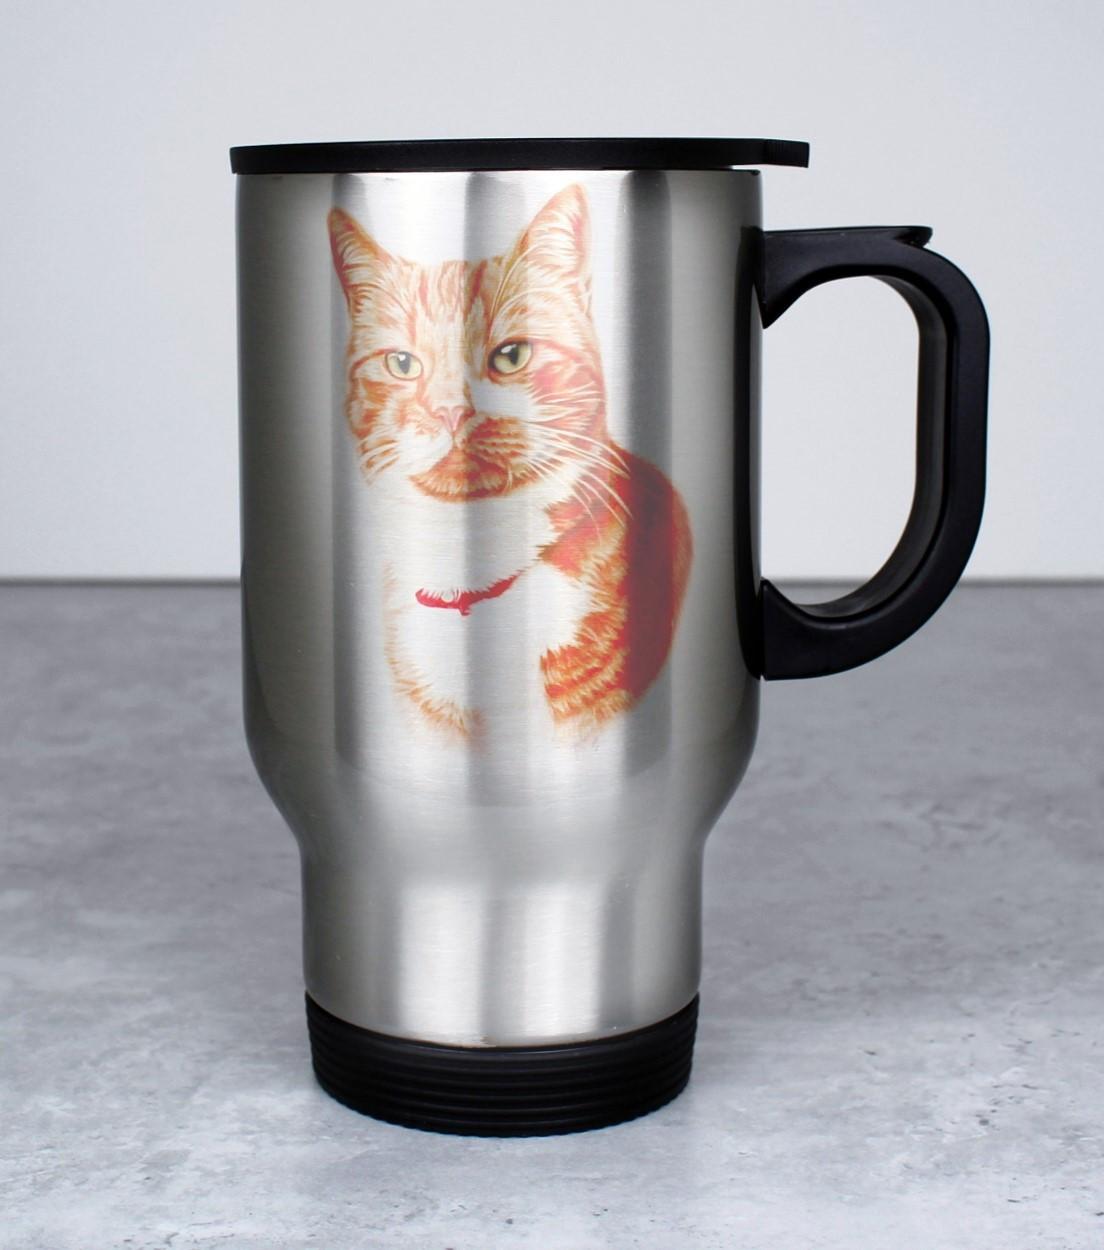 Punainen Kissa ja Kaulapanta -Termosmuki